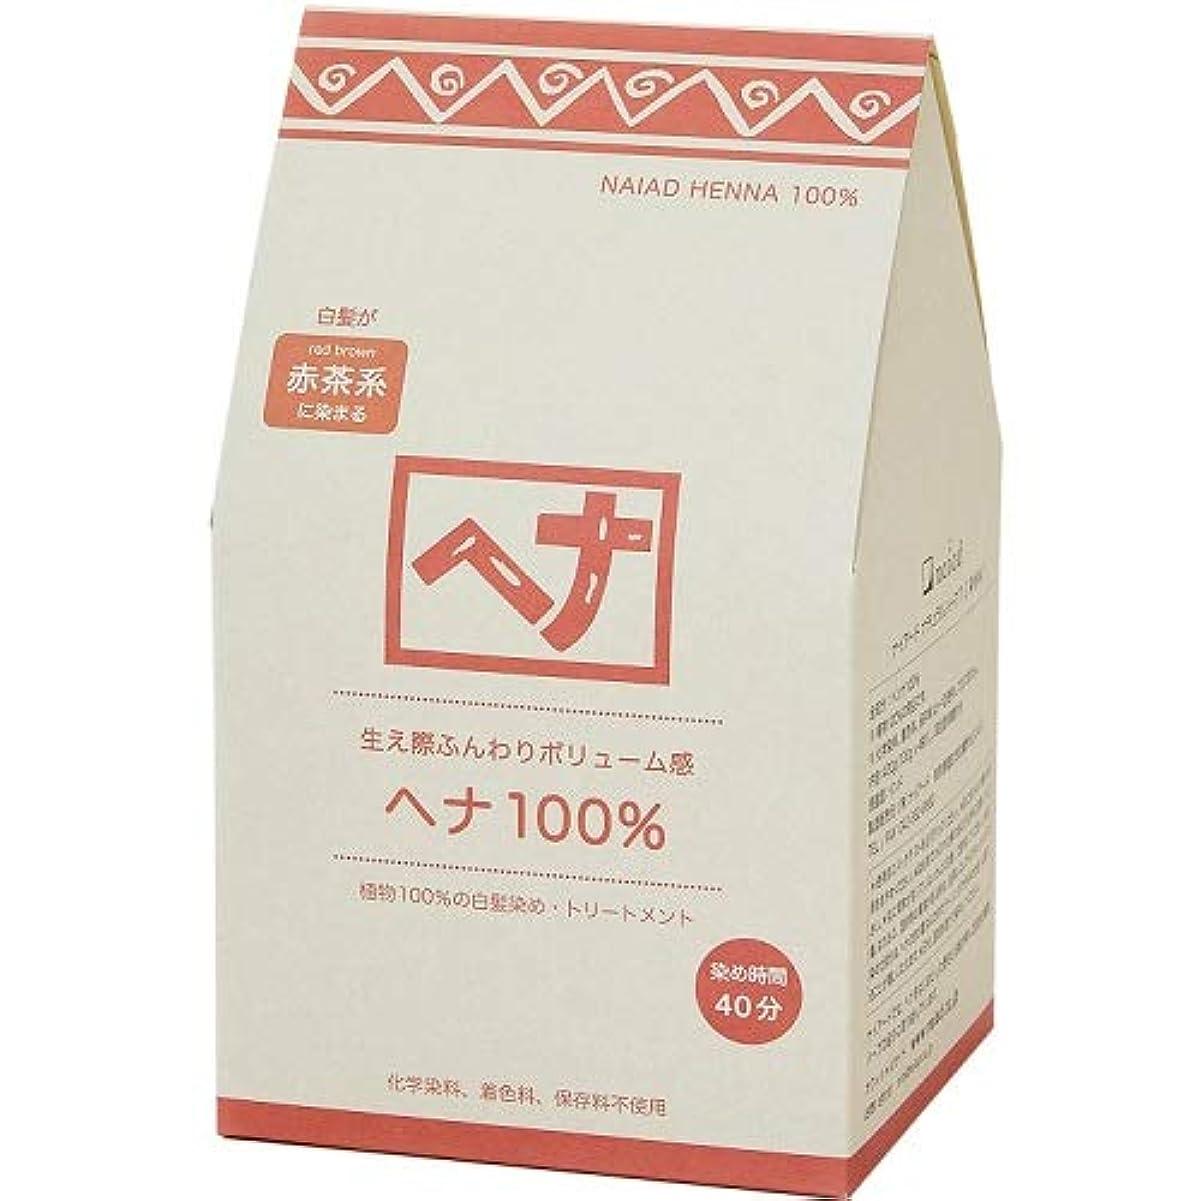 重々しい防腐剤奨励Naiad(ナイアード) ヘナ 100% 400g